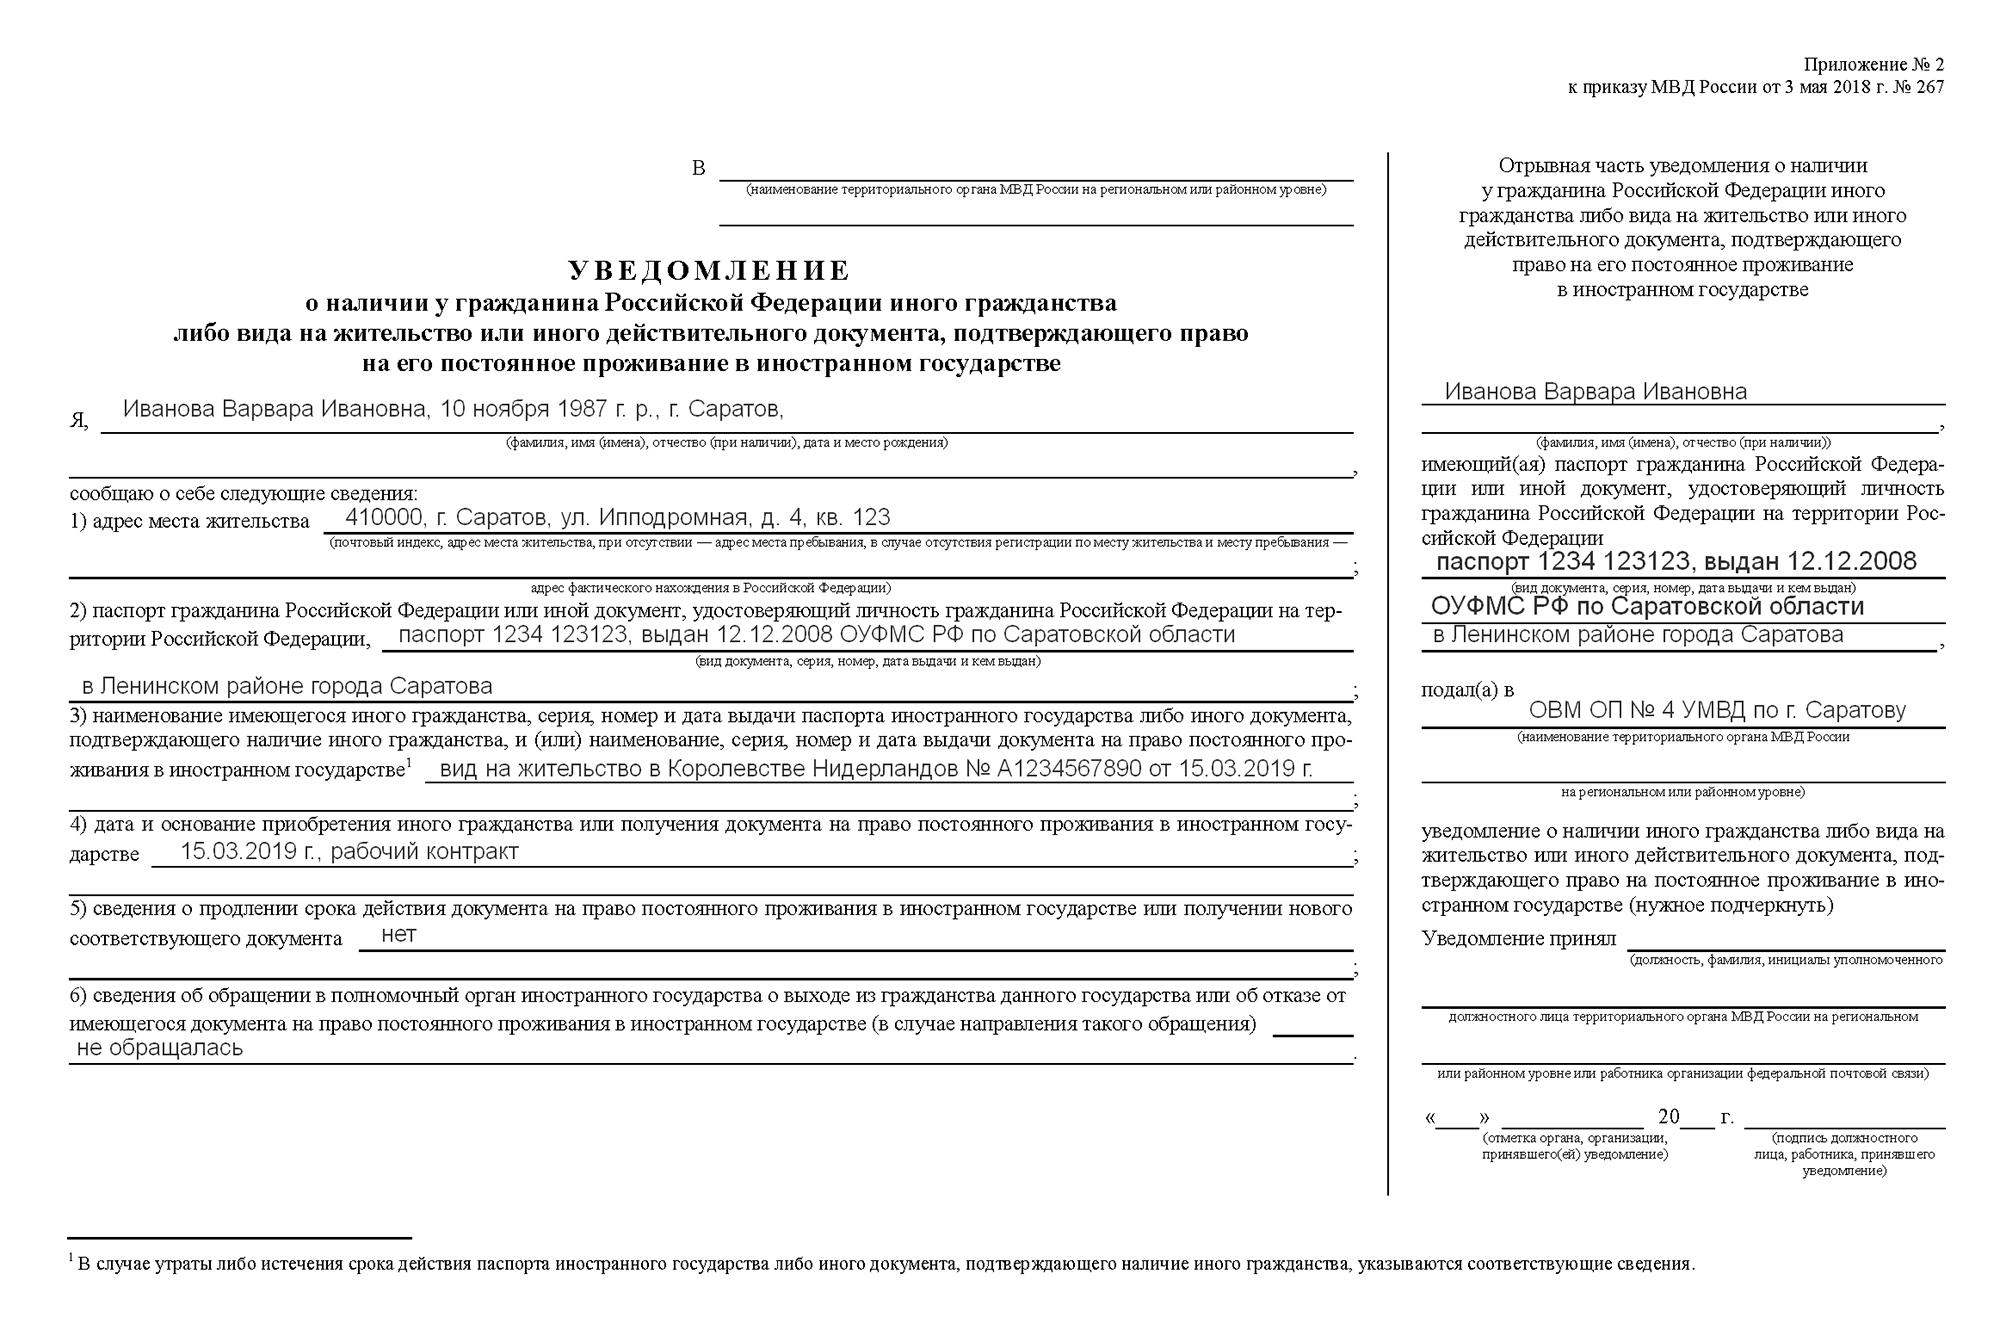 Документ подтверждающий право на проживание в иностранном государстве